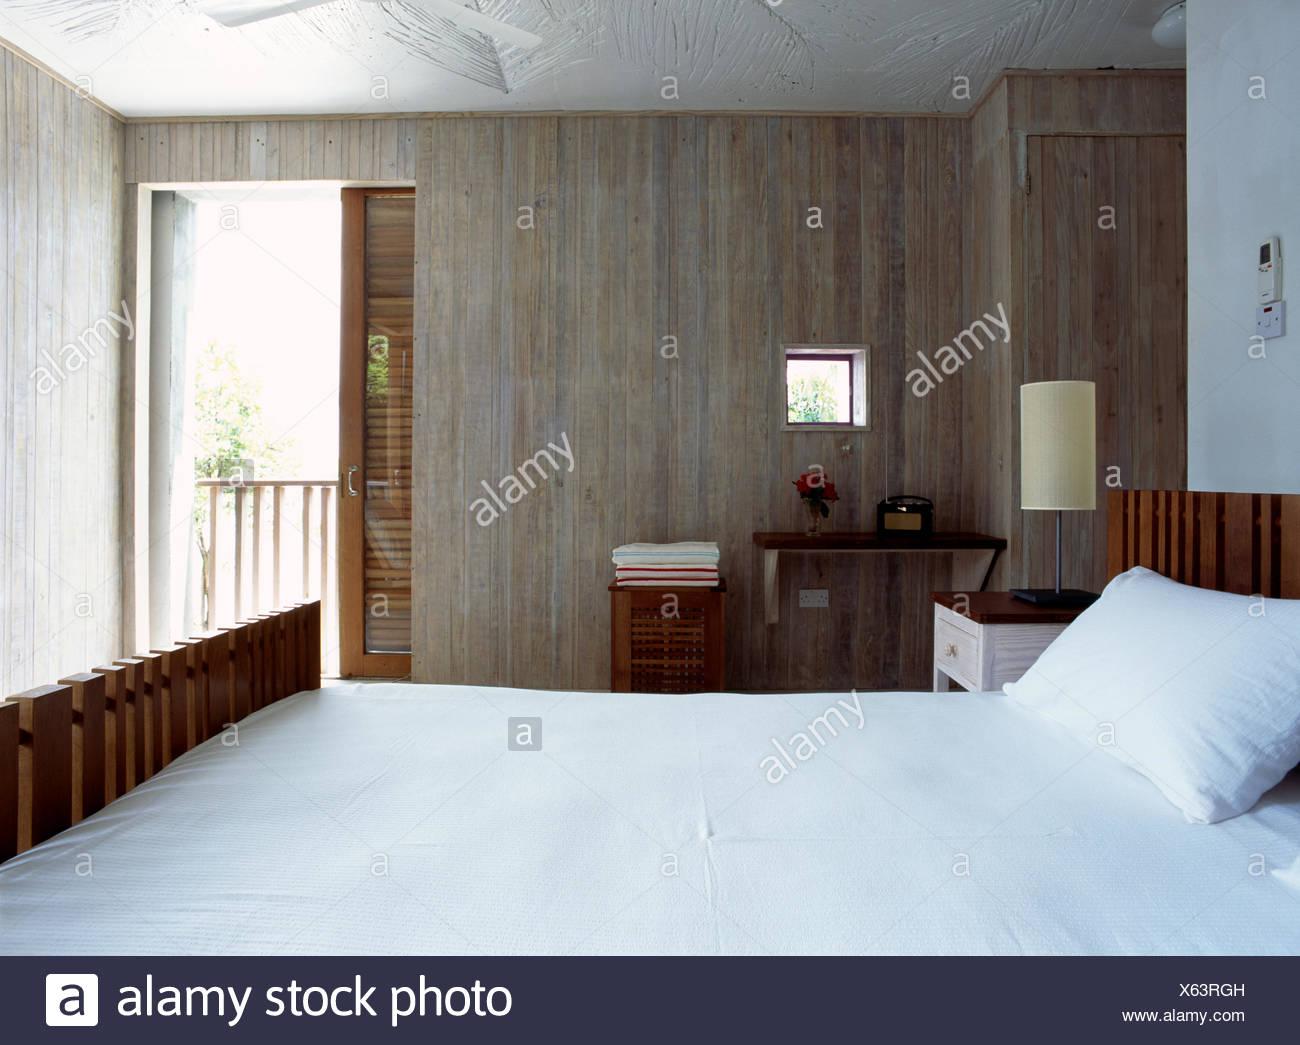 Schiebetür In Betonwand Der Moderne Schlafzimmer Mit Weißen Bettwäsche Und  Gekalkten Wandverkleidung